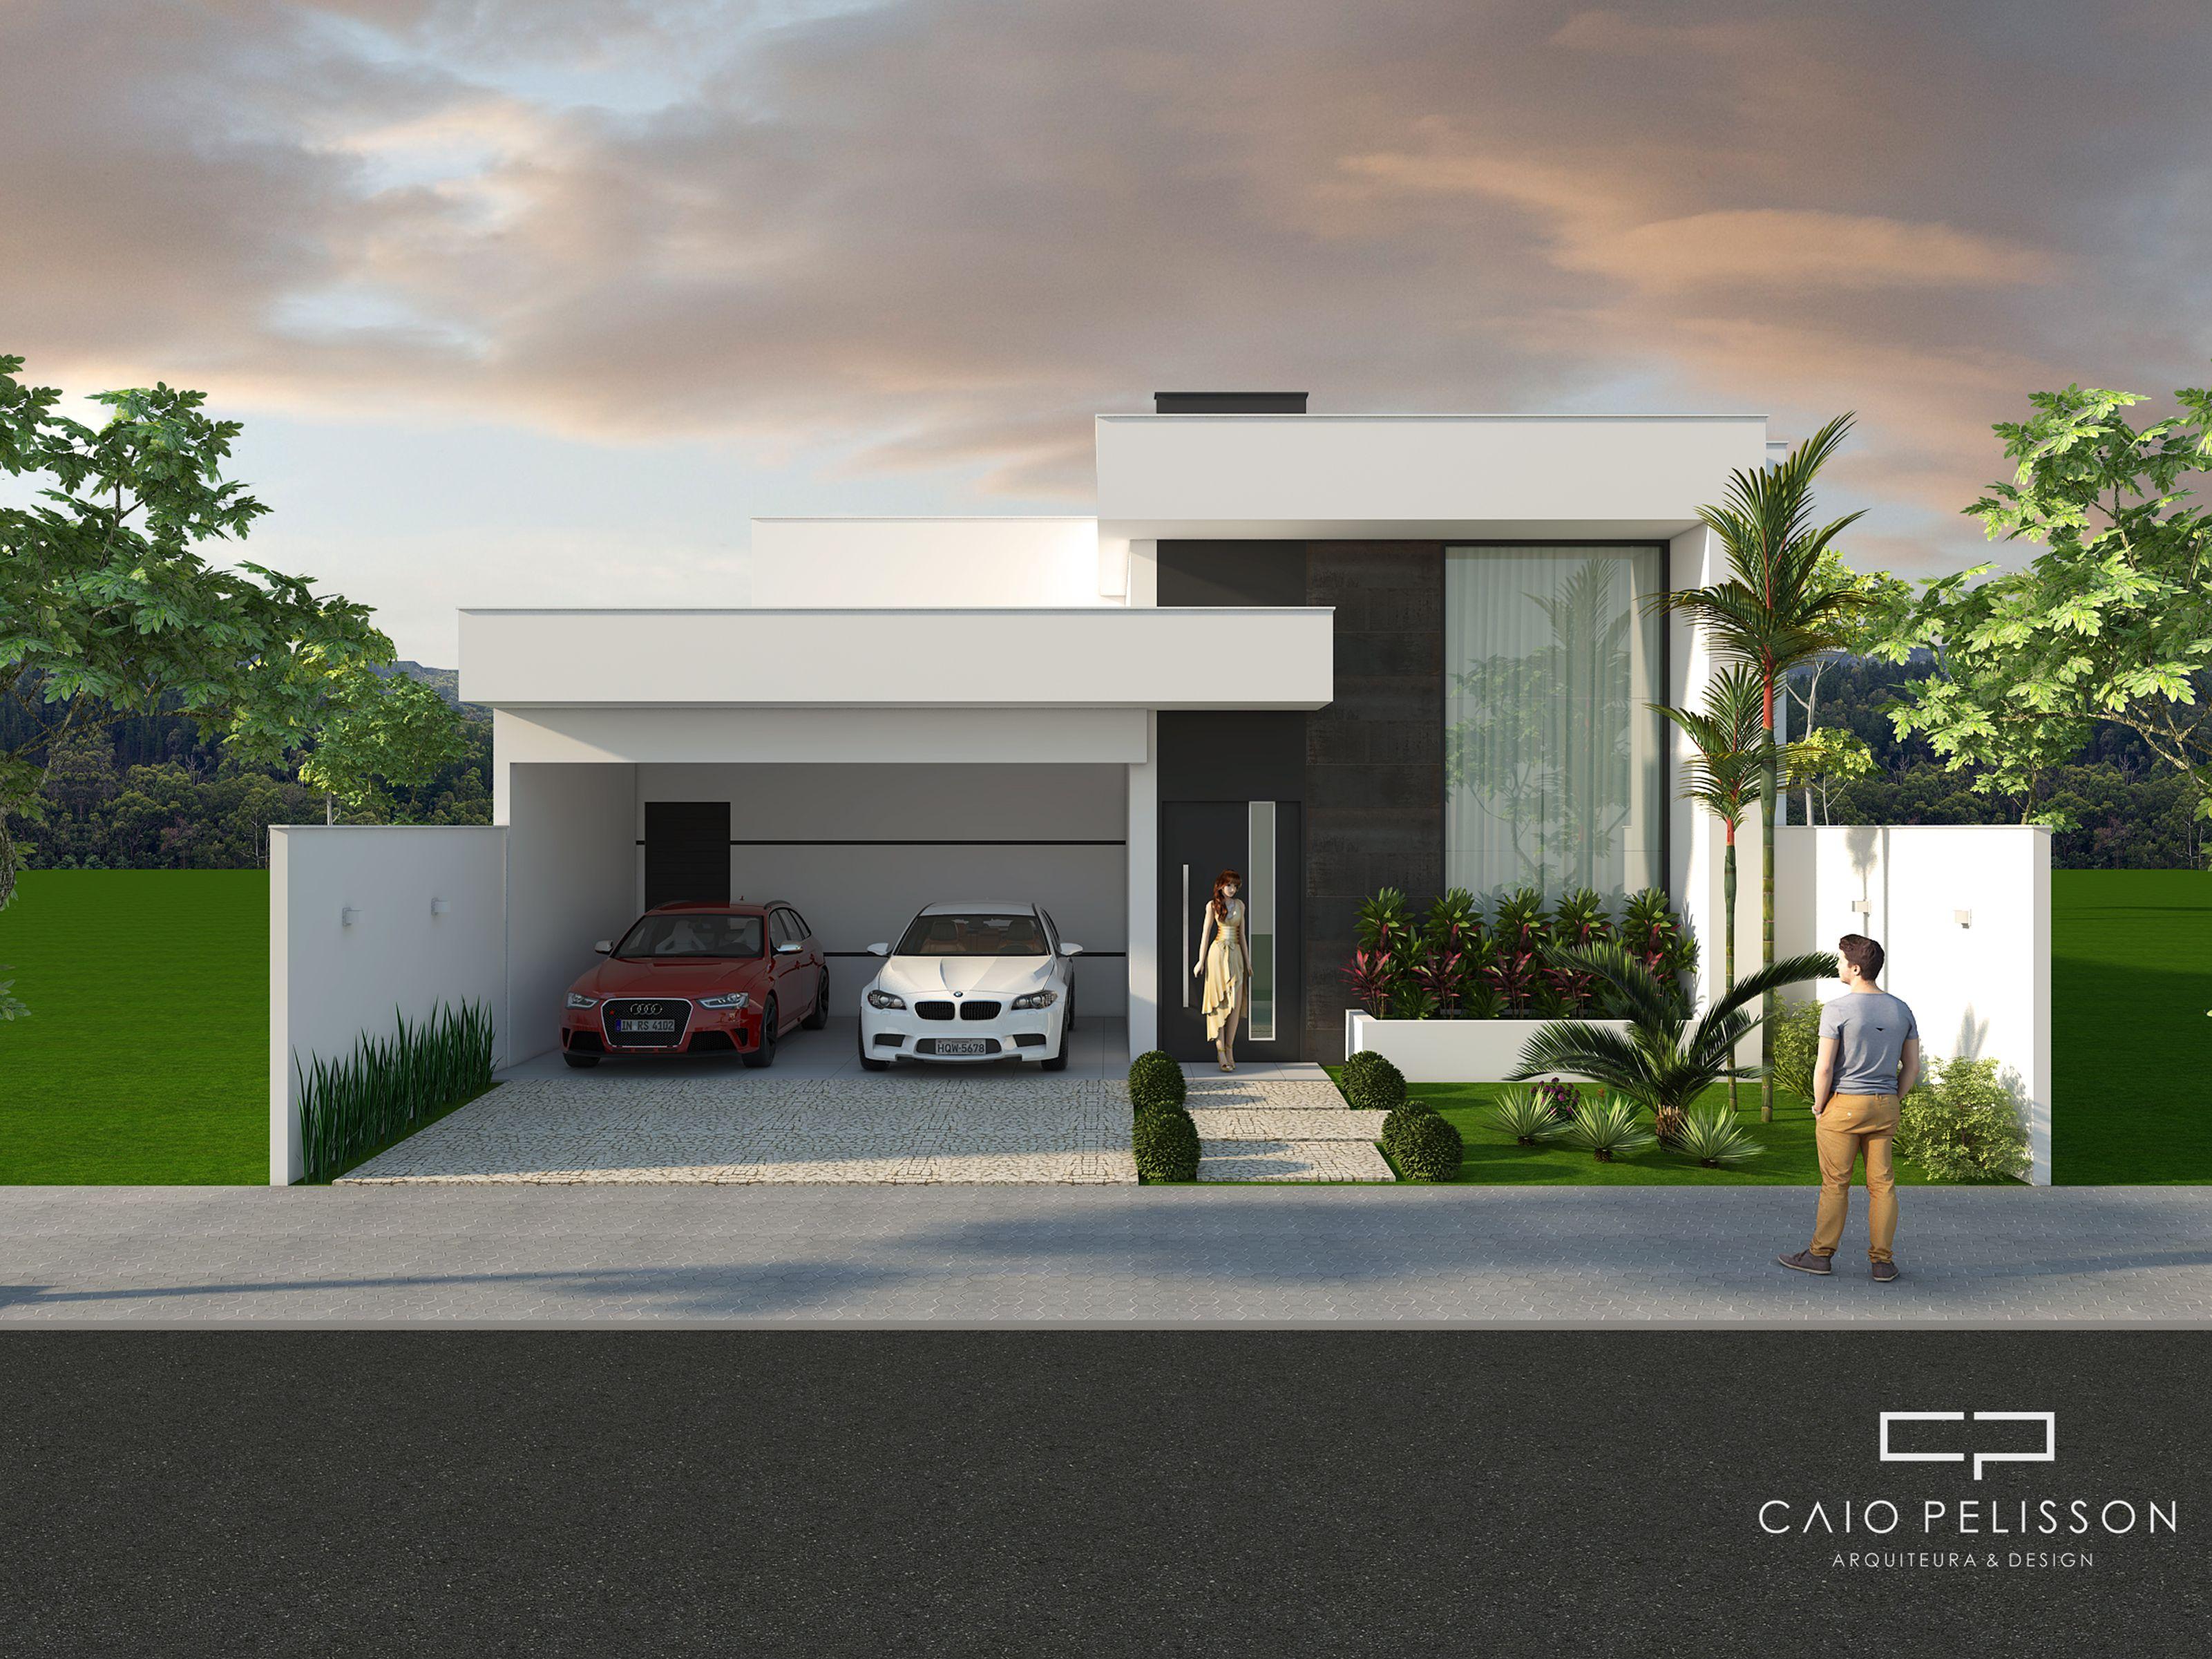 Fachada casa moderna t rrea terreno 12x25 hd em 2019 for Fachada de casas modernas